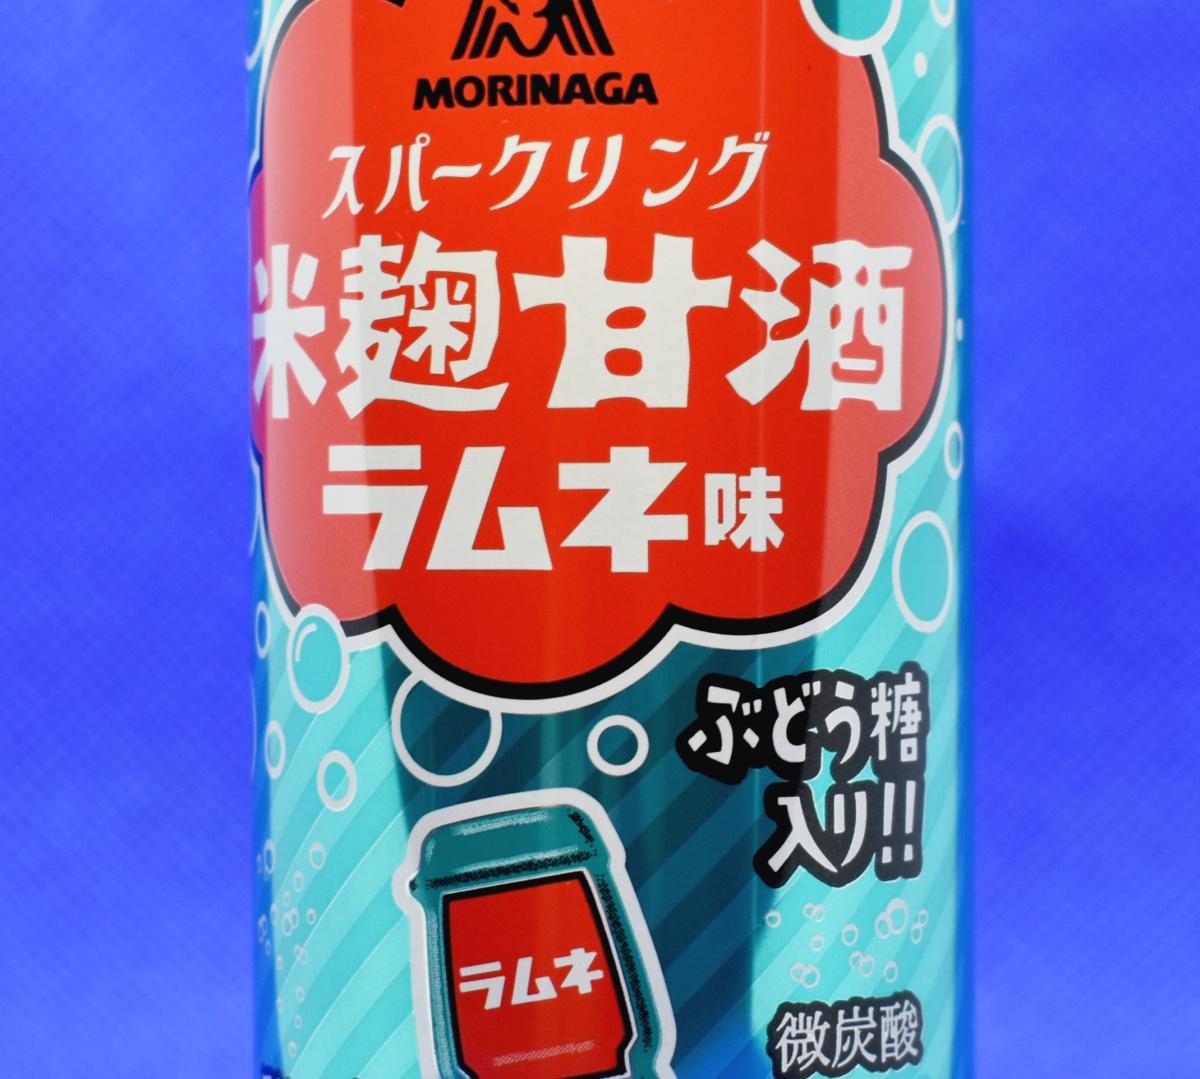 スパークリング米麹甘酒ラムネ味